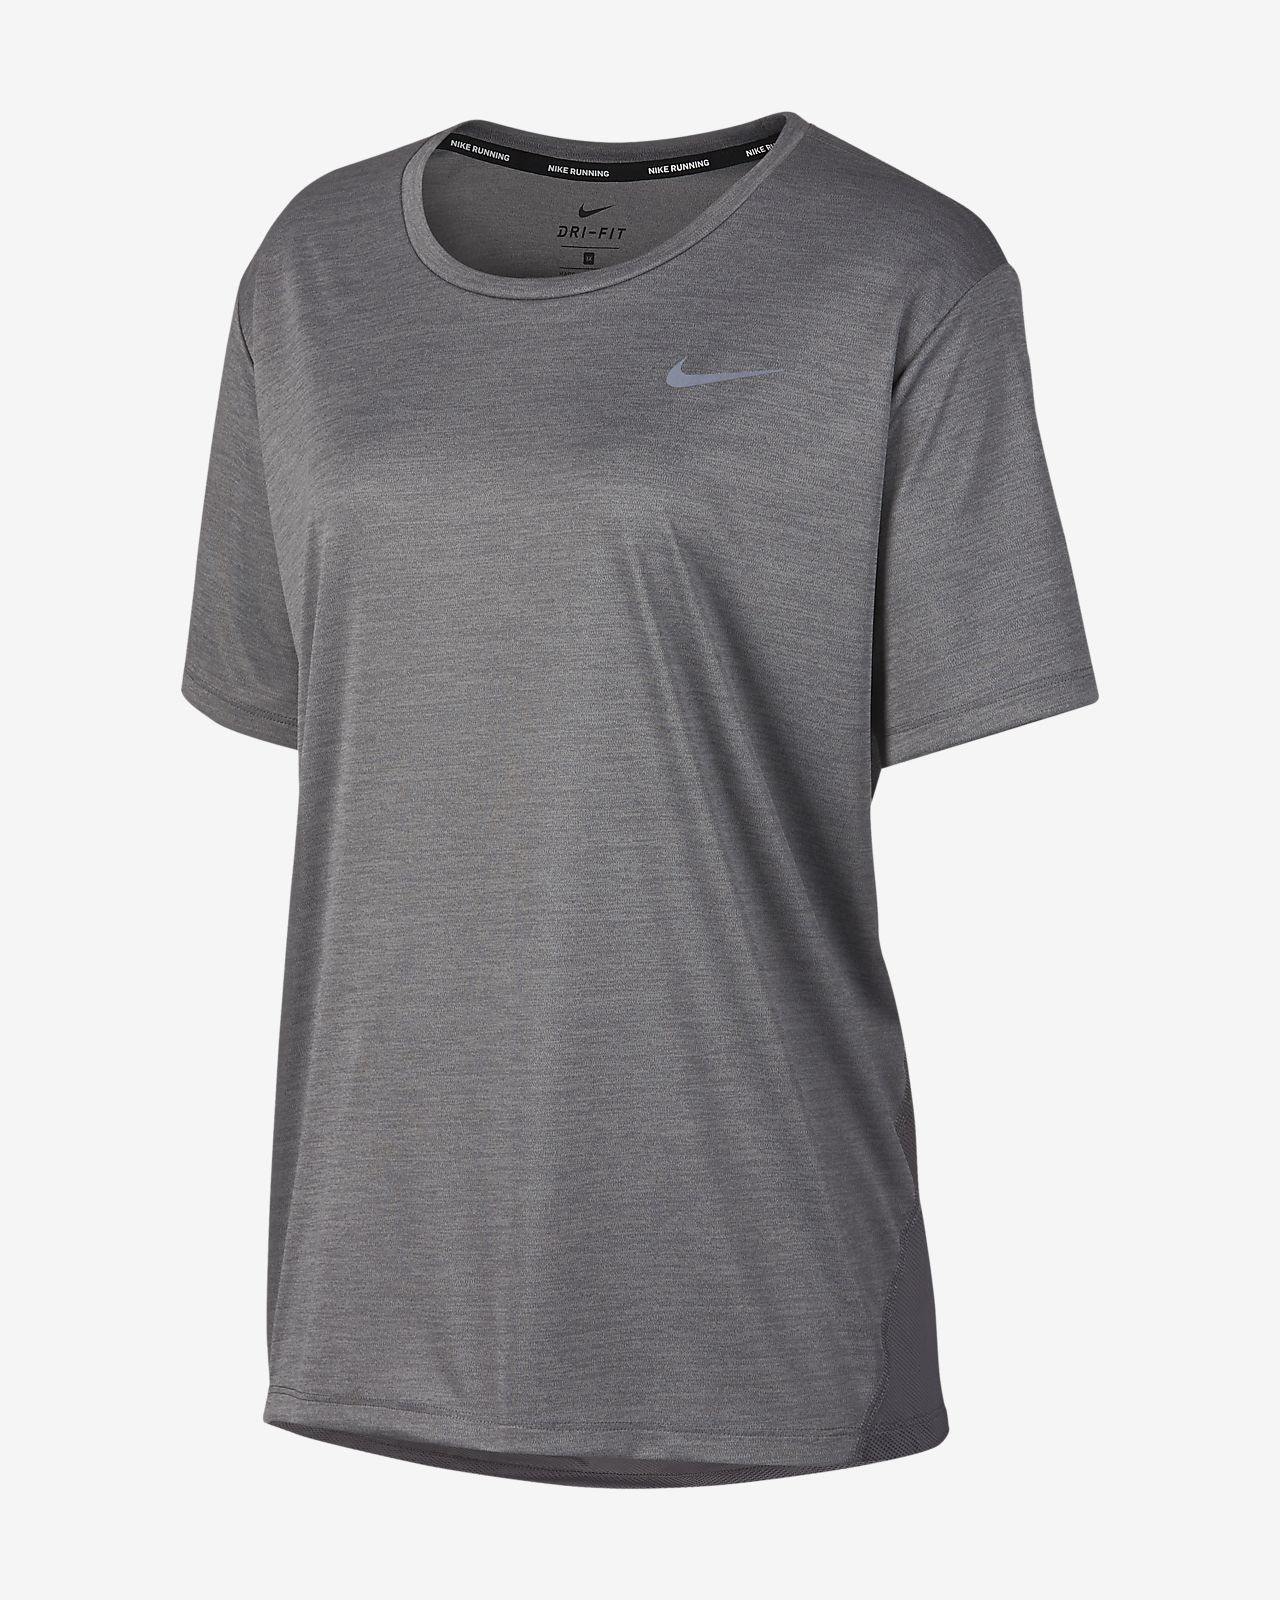 Nike Damen Miler T Shirt: : Bekleidung